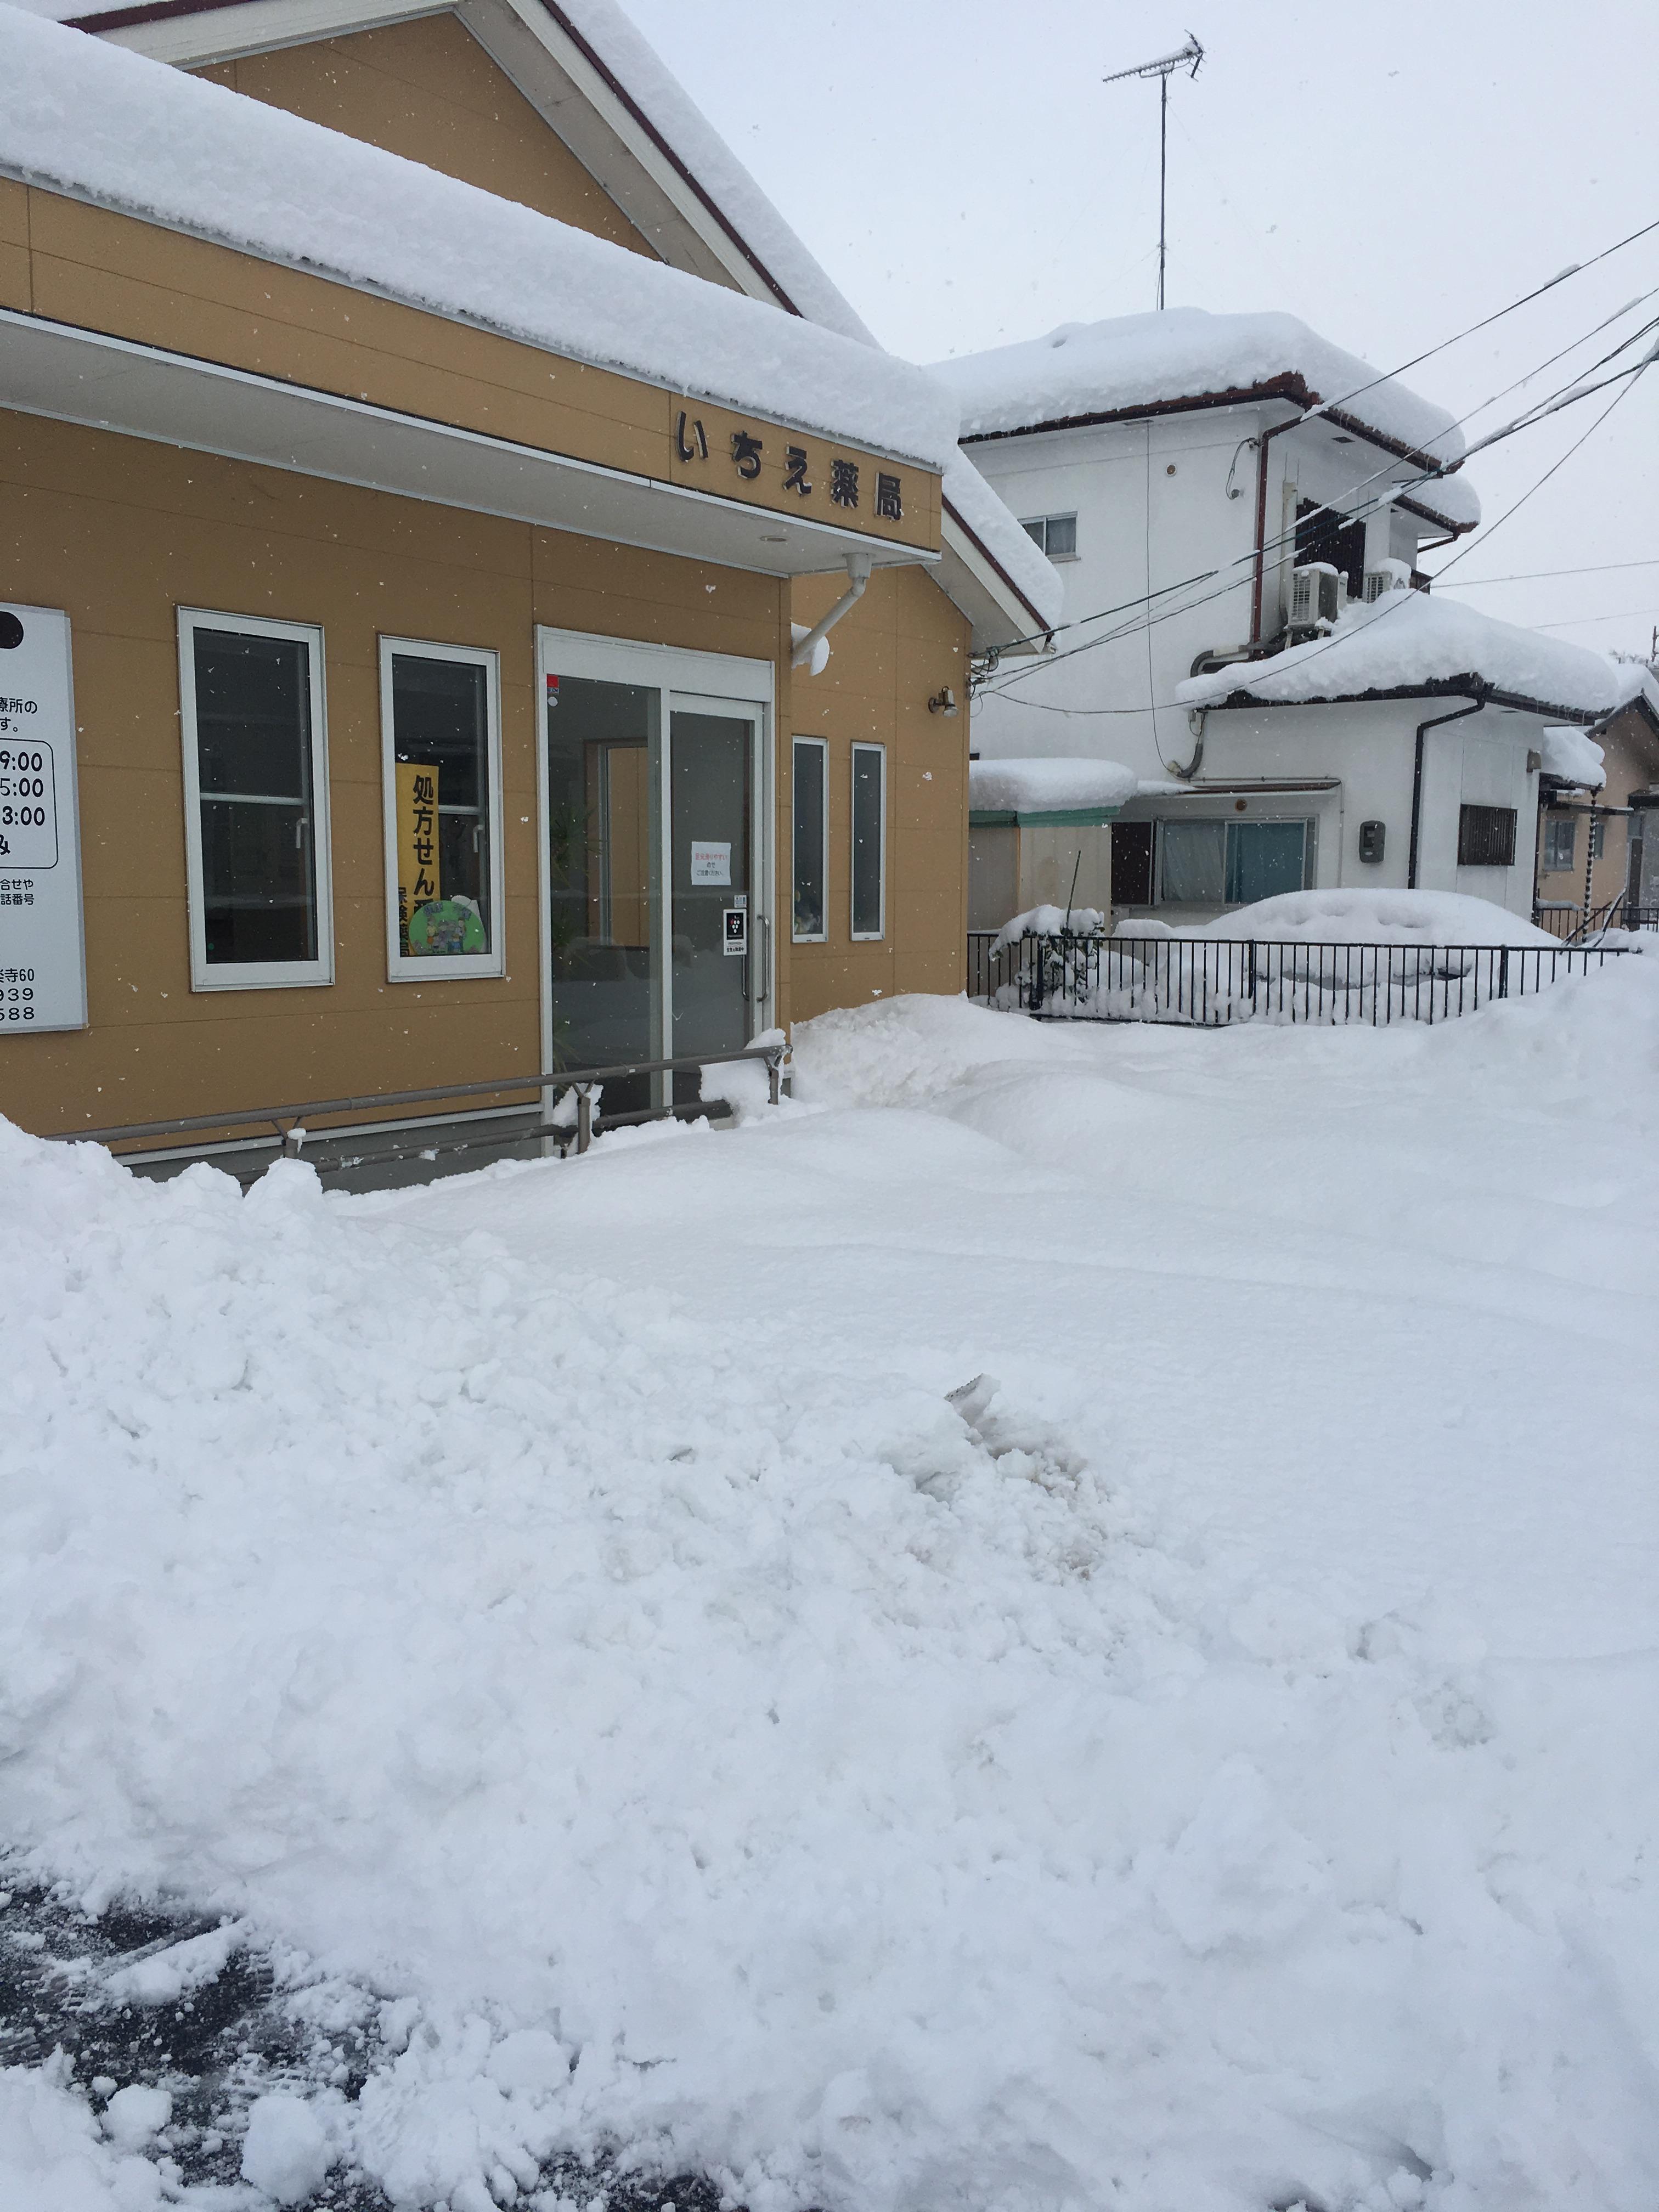 薬局における急な大雪が降った時に起こること~リスクマネジメント編~